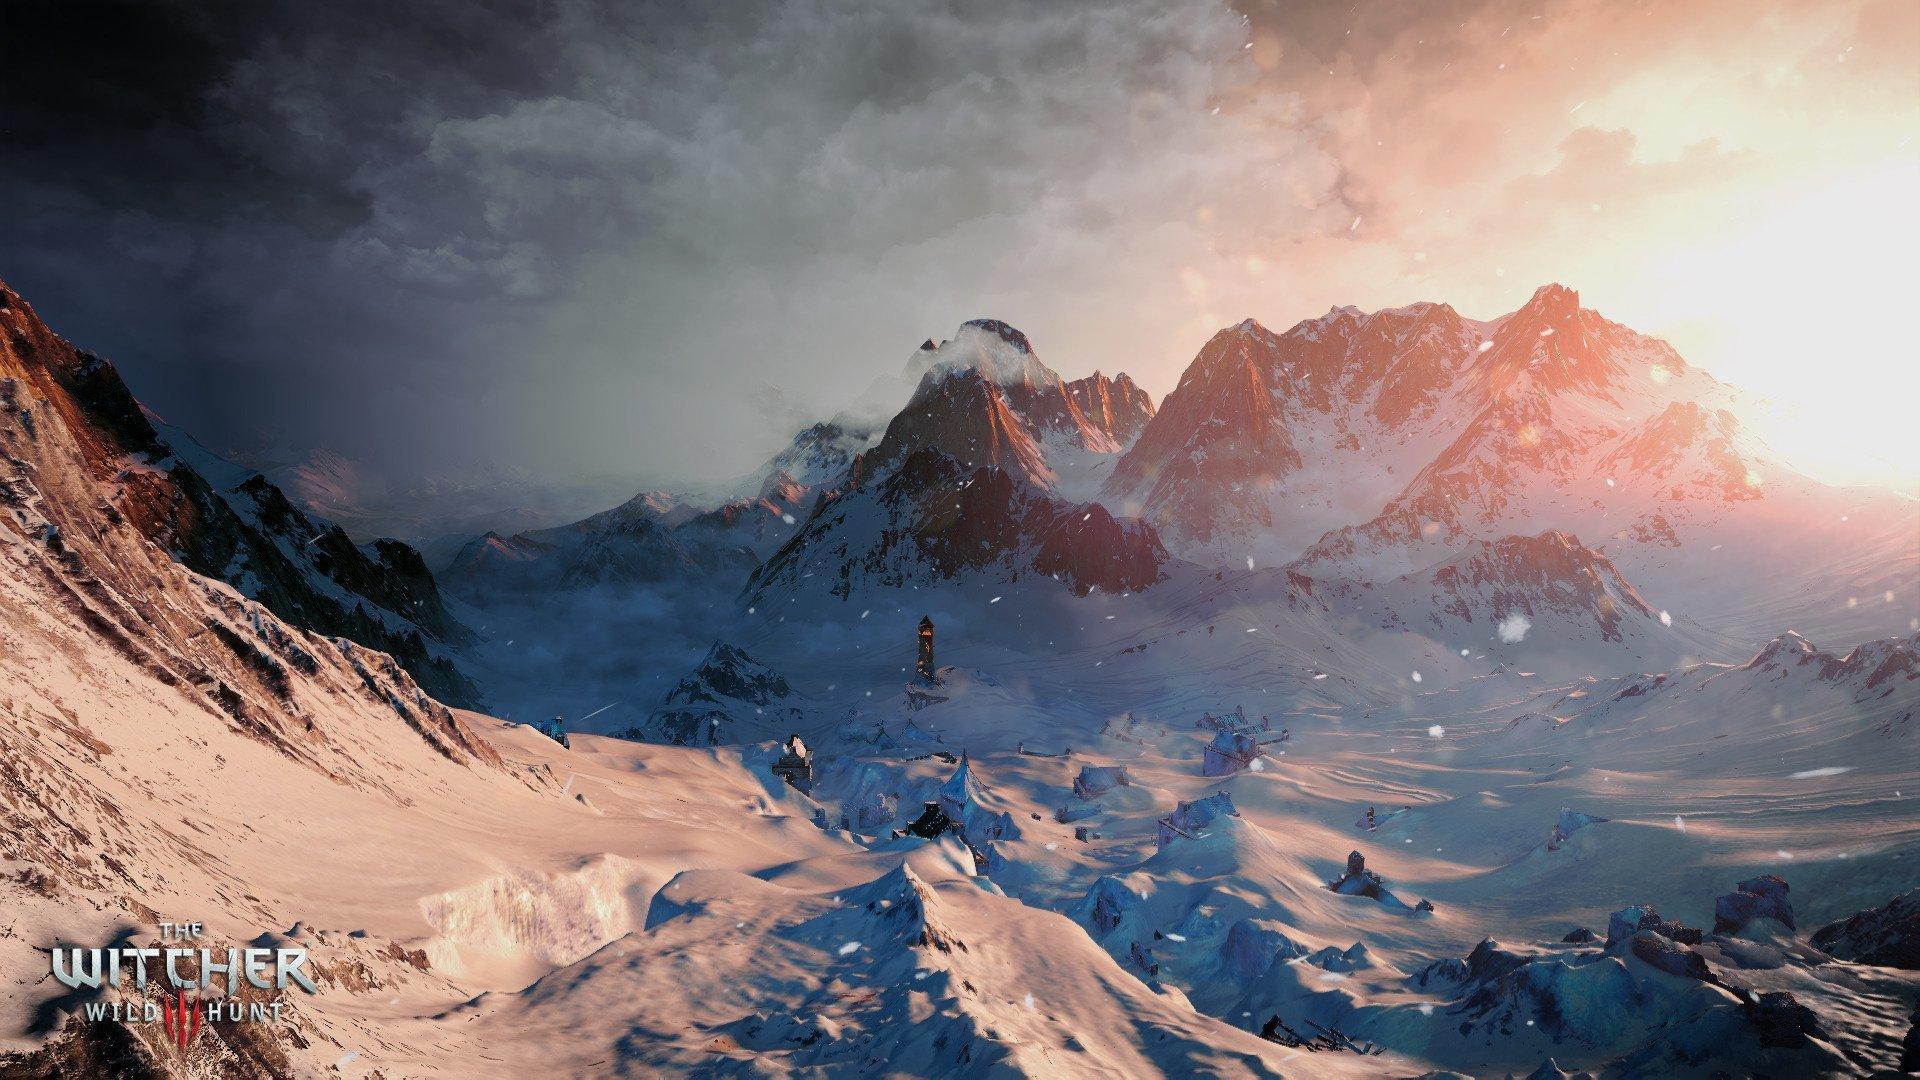 The Witcher 3: Wild Hunt. Все самое интересное за прошедшее время.   Новые факты о игре.   • Появилось огромное коли ... - Изображение 5